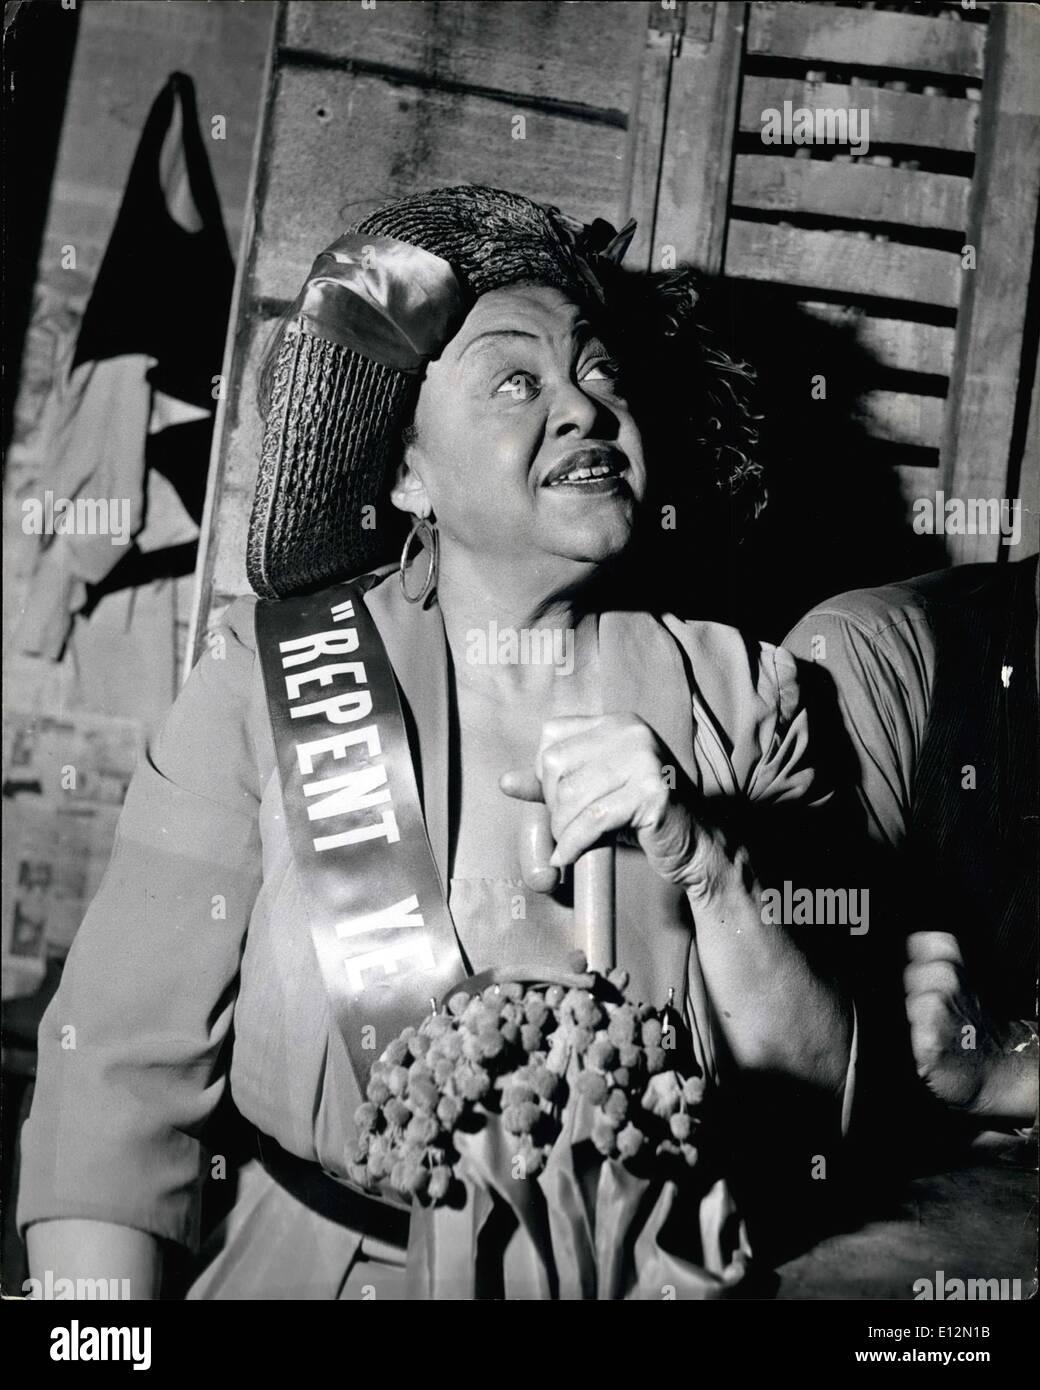 Febbraio 24, 2012 - Maria, l'arbitro di buone maniere e di morale in Catfish Row, è giocato dalla Georgia Burke. ''Porgy and Bess'' Il Negro Opera arriva a Londra.: ''Porgy and Bess'' George Gershwin's classic opera folk che si occupa con la American Negro, è ora giunta alla Stoll Theatre di Londra e condotta da un interamente negro cast. La storia è semplice e in movimento. Porgy , un storpi Charleston mendicante che fa il suo giro in una capra-cart, vince di Bess, una donna di strade dopo la scomparsa del suo amante, corona, un assassino Immagini Stock